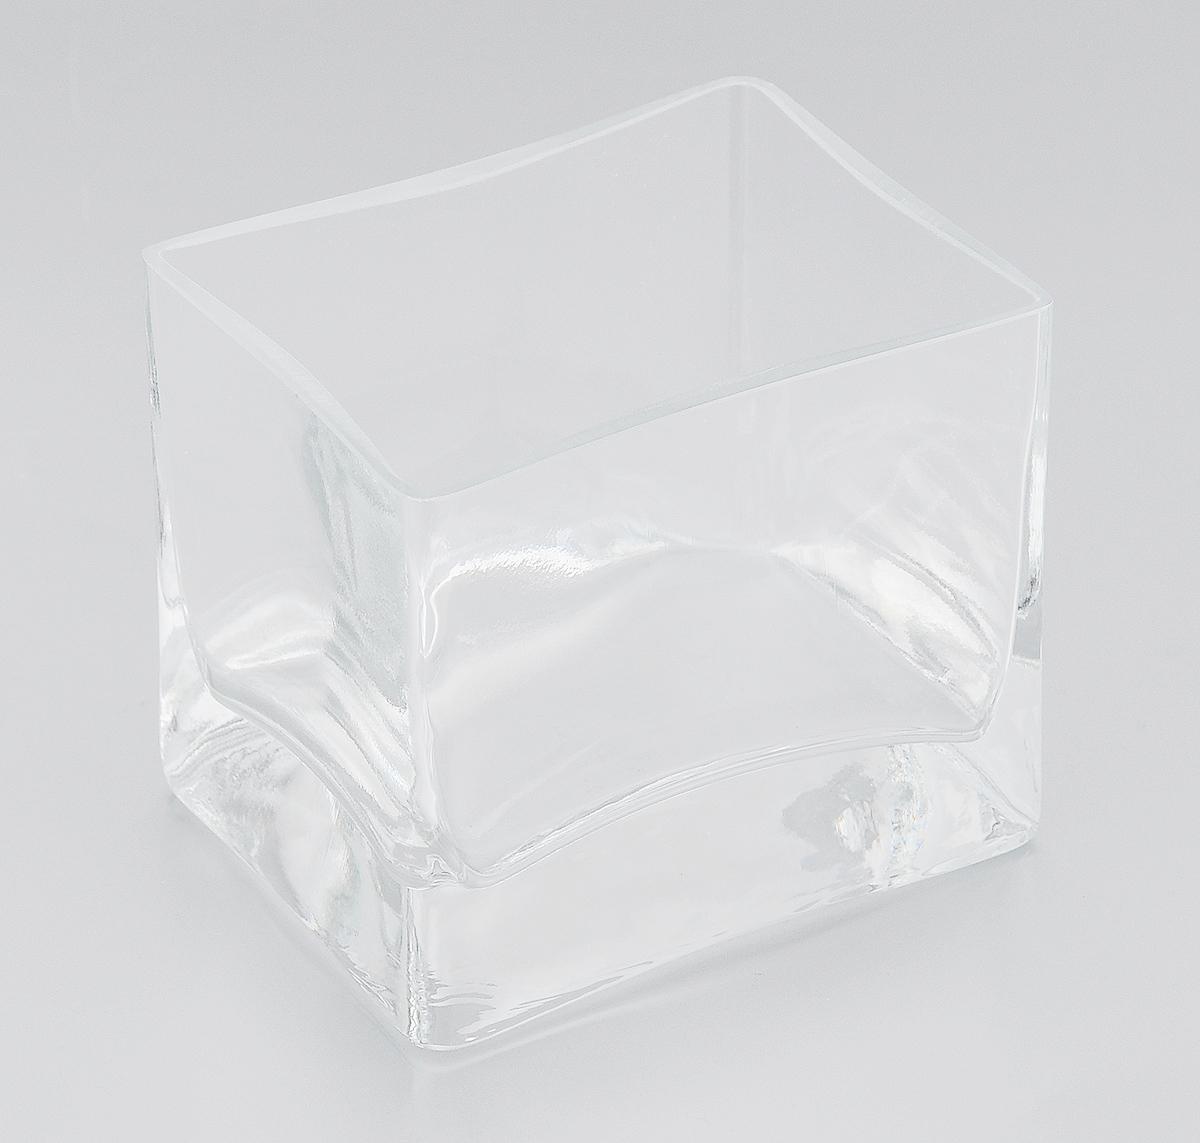 Ваза Pasabahce Botanica, высота 8,5 смFS-91909Элегантная ваза Pasabahce Botanica выполнена из высококачественного натрий-кальций-силикатного стекла.Изделие придется по вкусу и ценителям классики, и тем, кто предпочитает утонченность и изящность. Вы можете поставить вазу в любом месте, где она будет удачно смотреться и радовать глаз. Такая ваза подойдет для декора интерьера. Кроме того - это отличный вариант подарка для ваших близких и друзей. Можно мыть в посудомоечной машине.Высота вазы: 8,5 см.Размер вазы (по верхнему краю): 9,5 х 7,5 см.